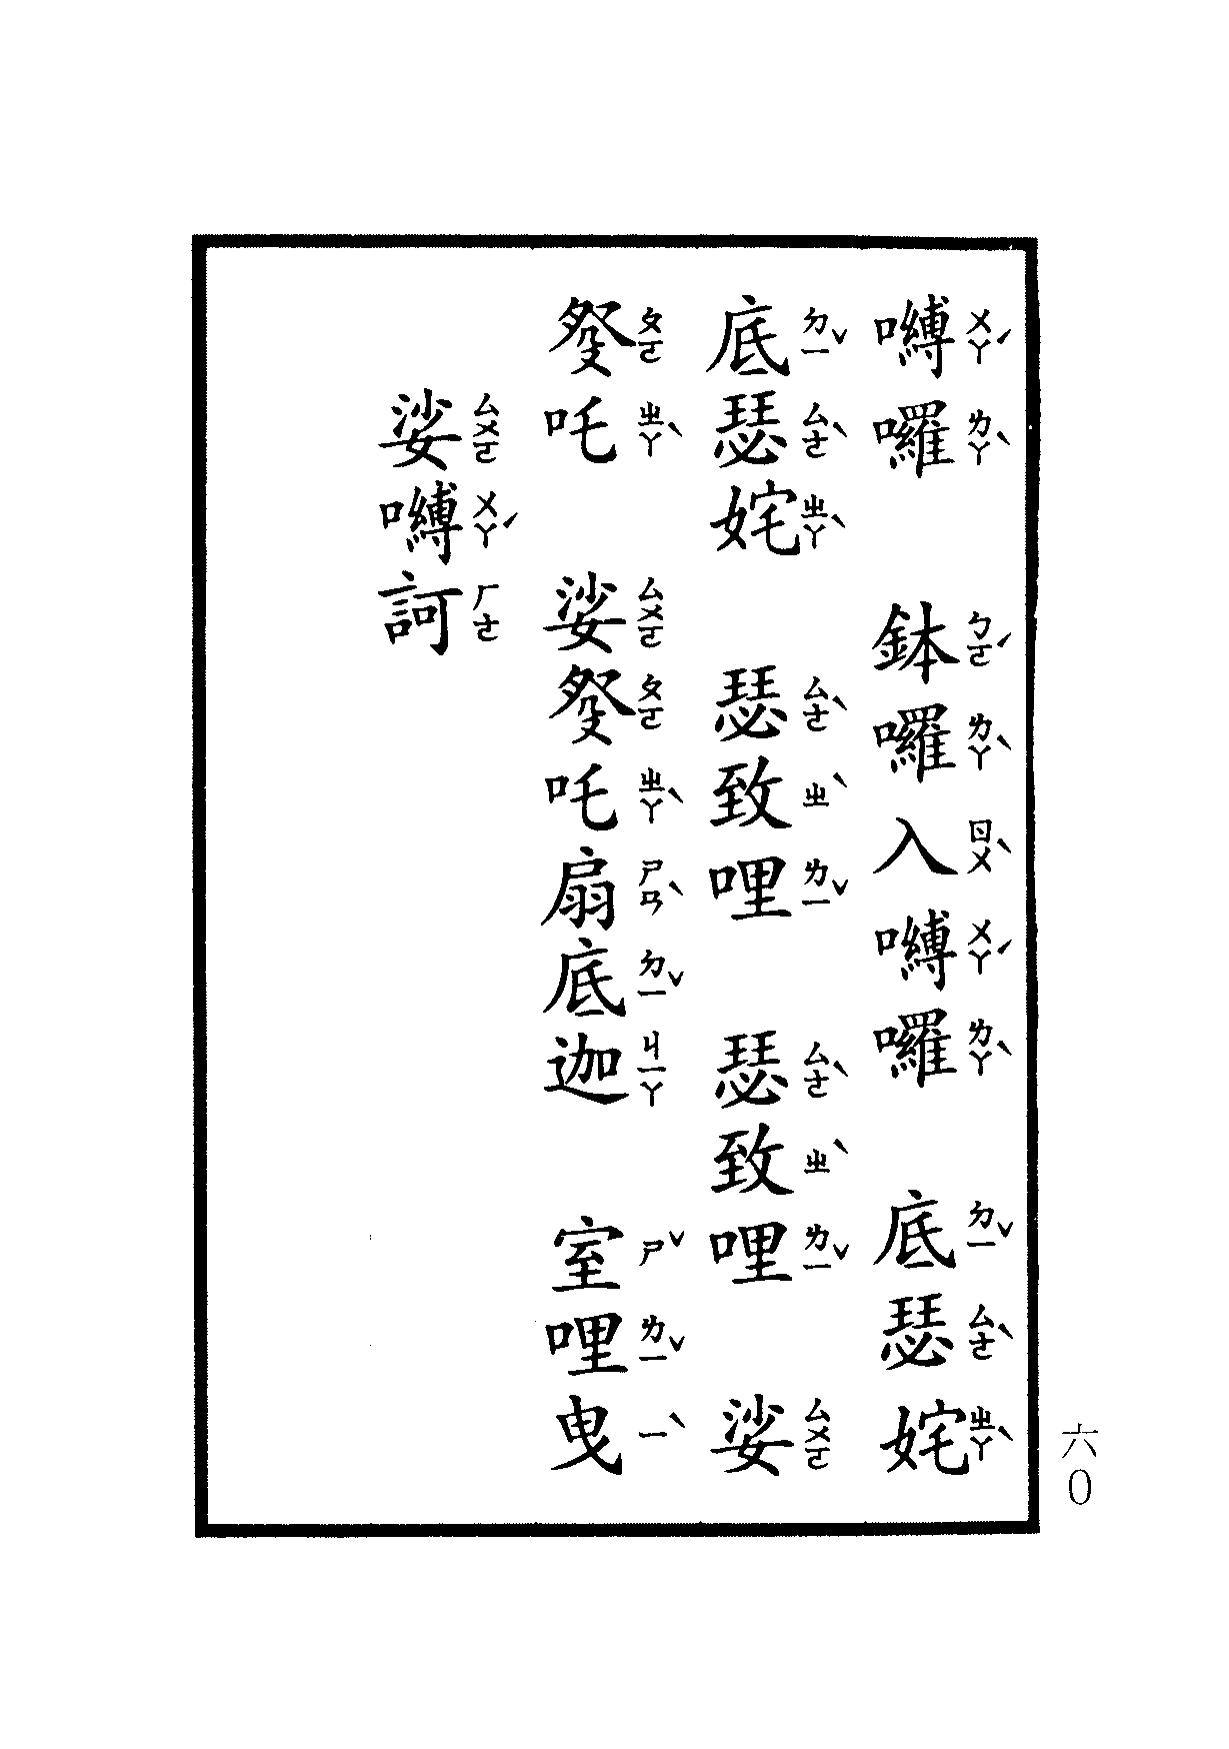 楞嚴咒-大悲咒-十小咒-易背本 66.png